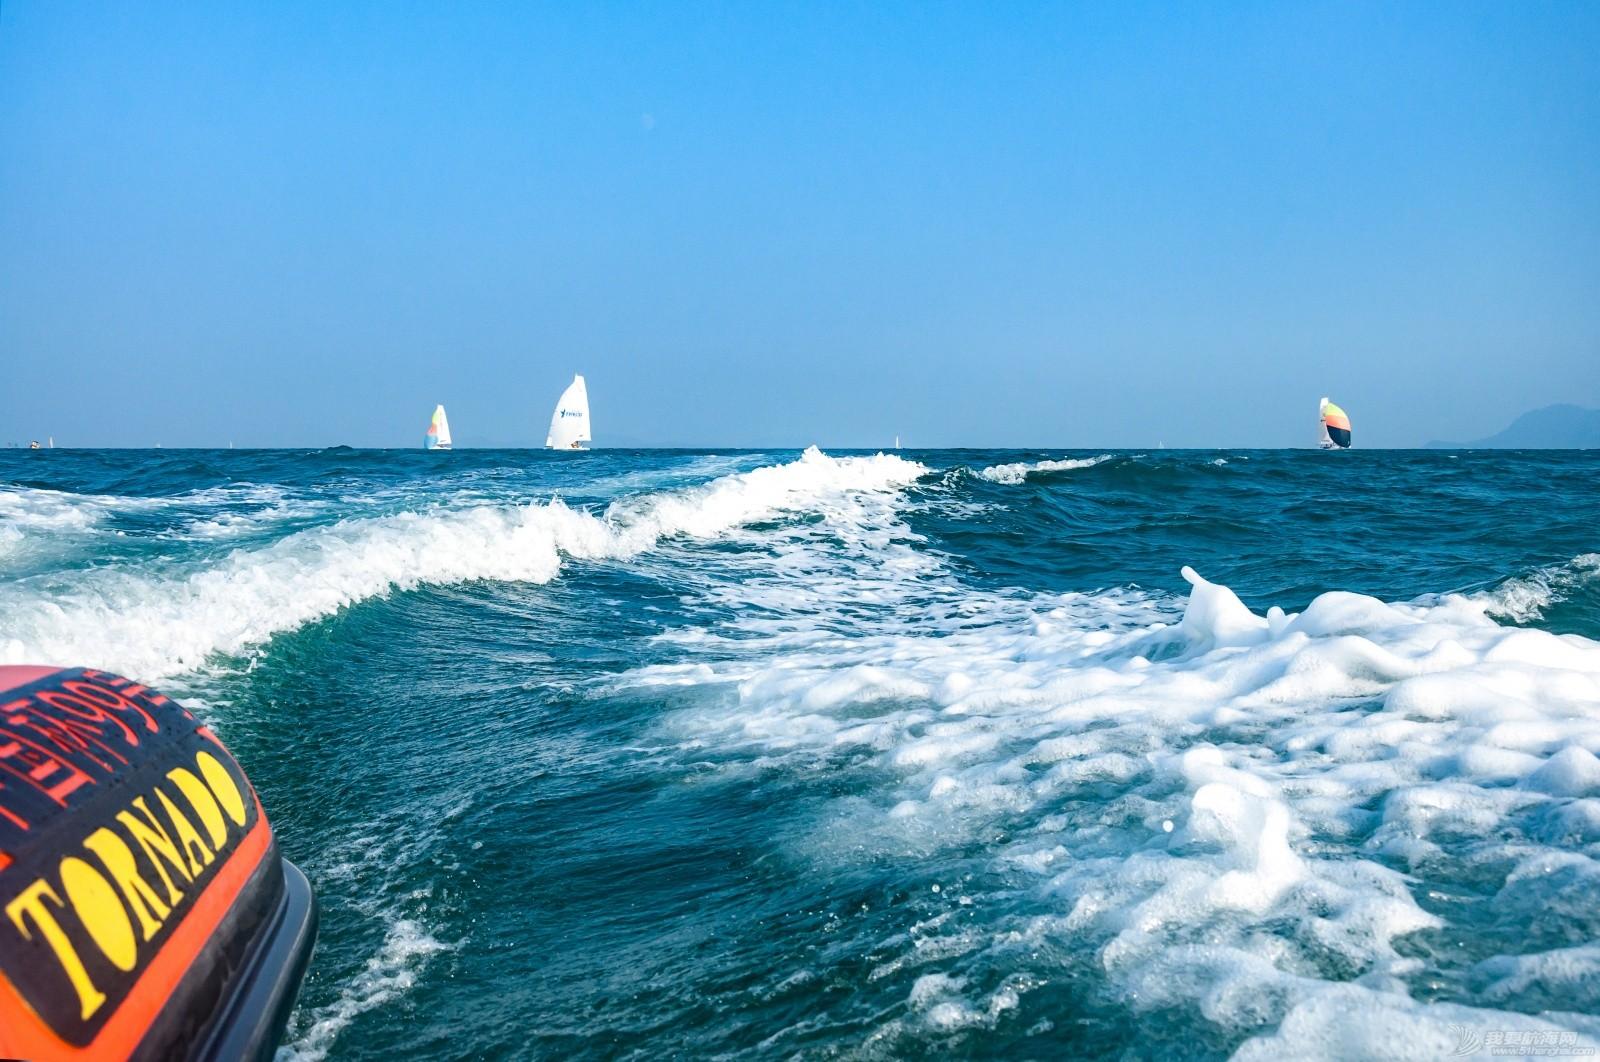 【2015大鹏杯帆船赛】22号下午第二辑(54图) s099.jpg